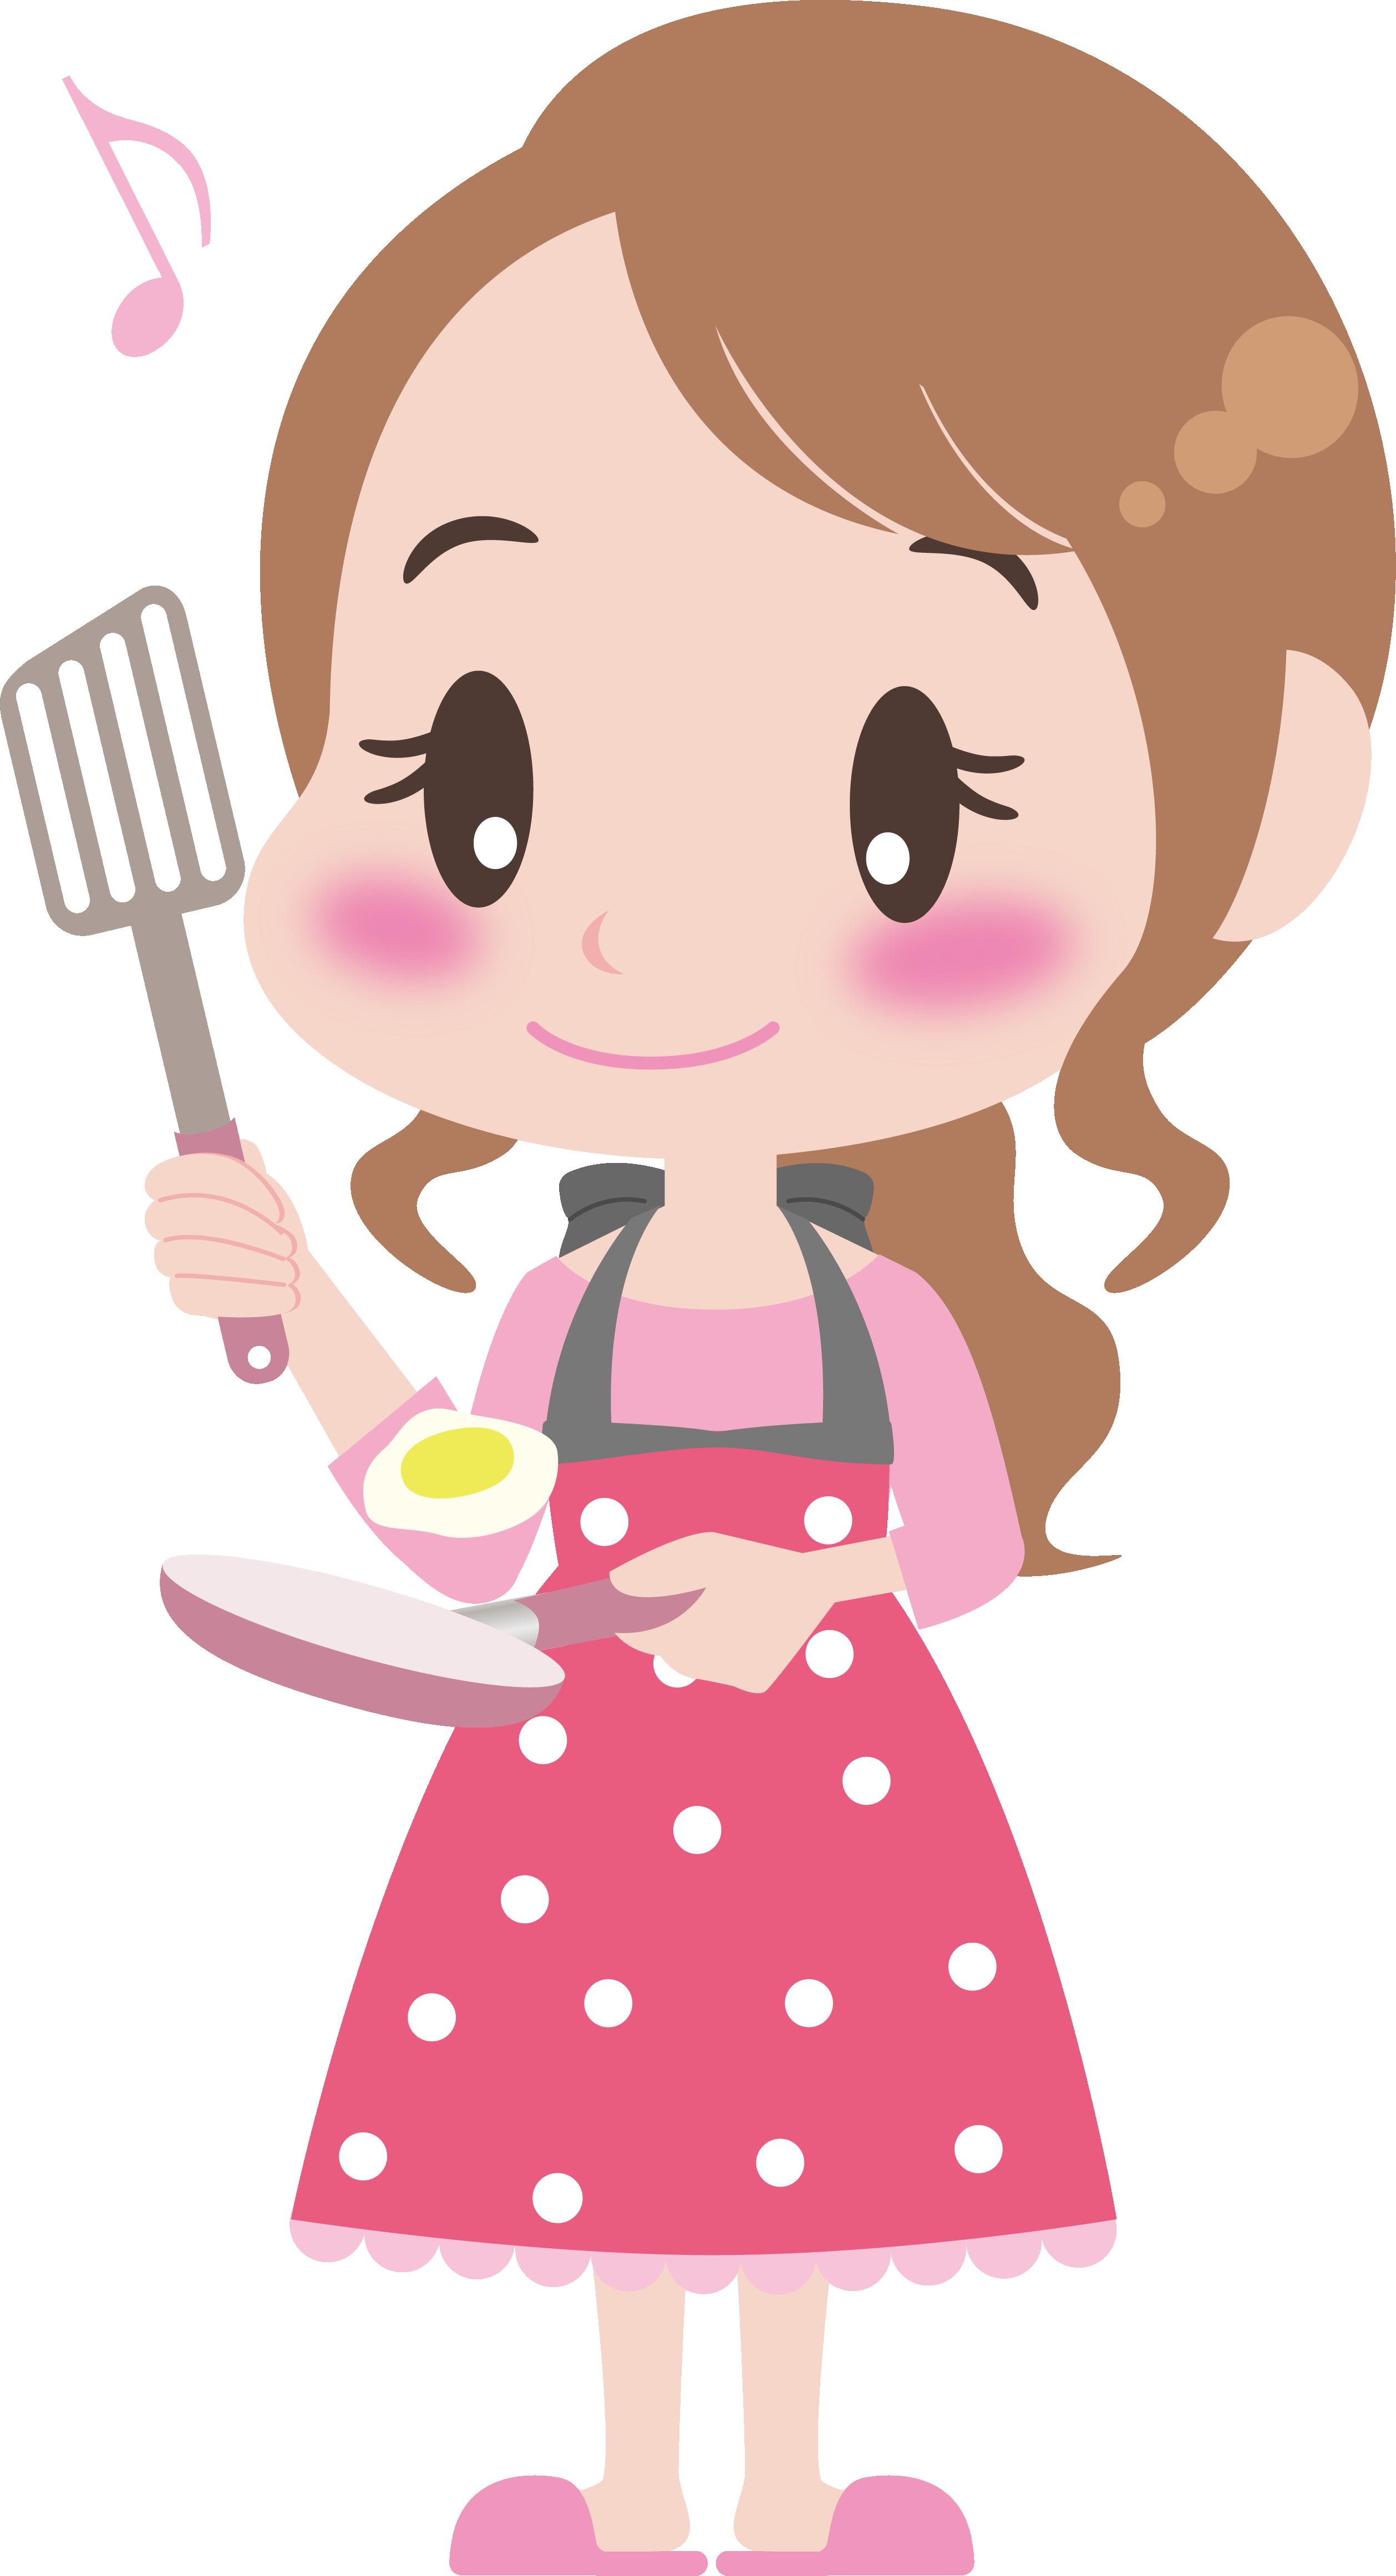 Cozinheiros A Copeiras E Etc Boneca Infantil Desenhos Infantis